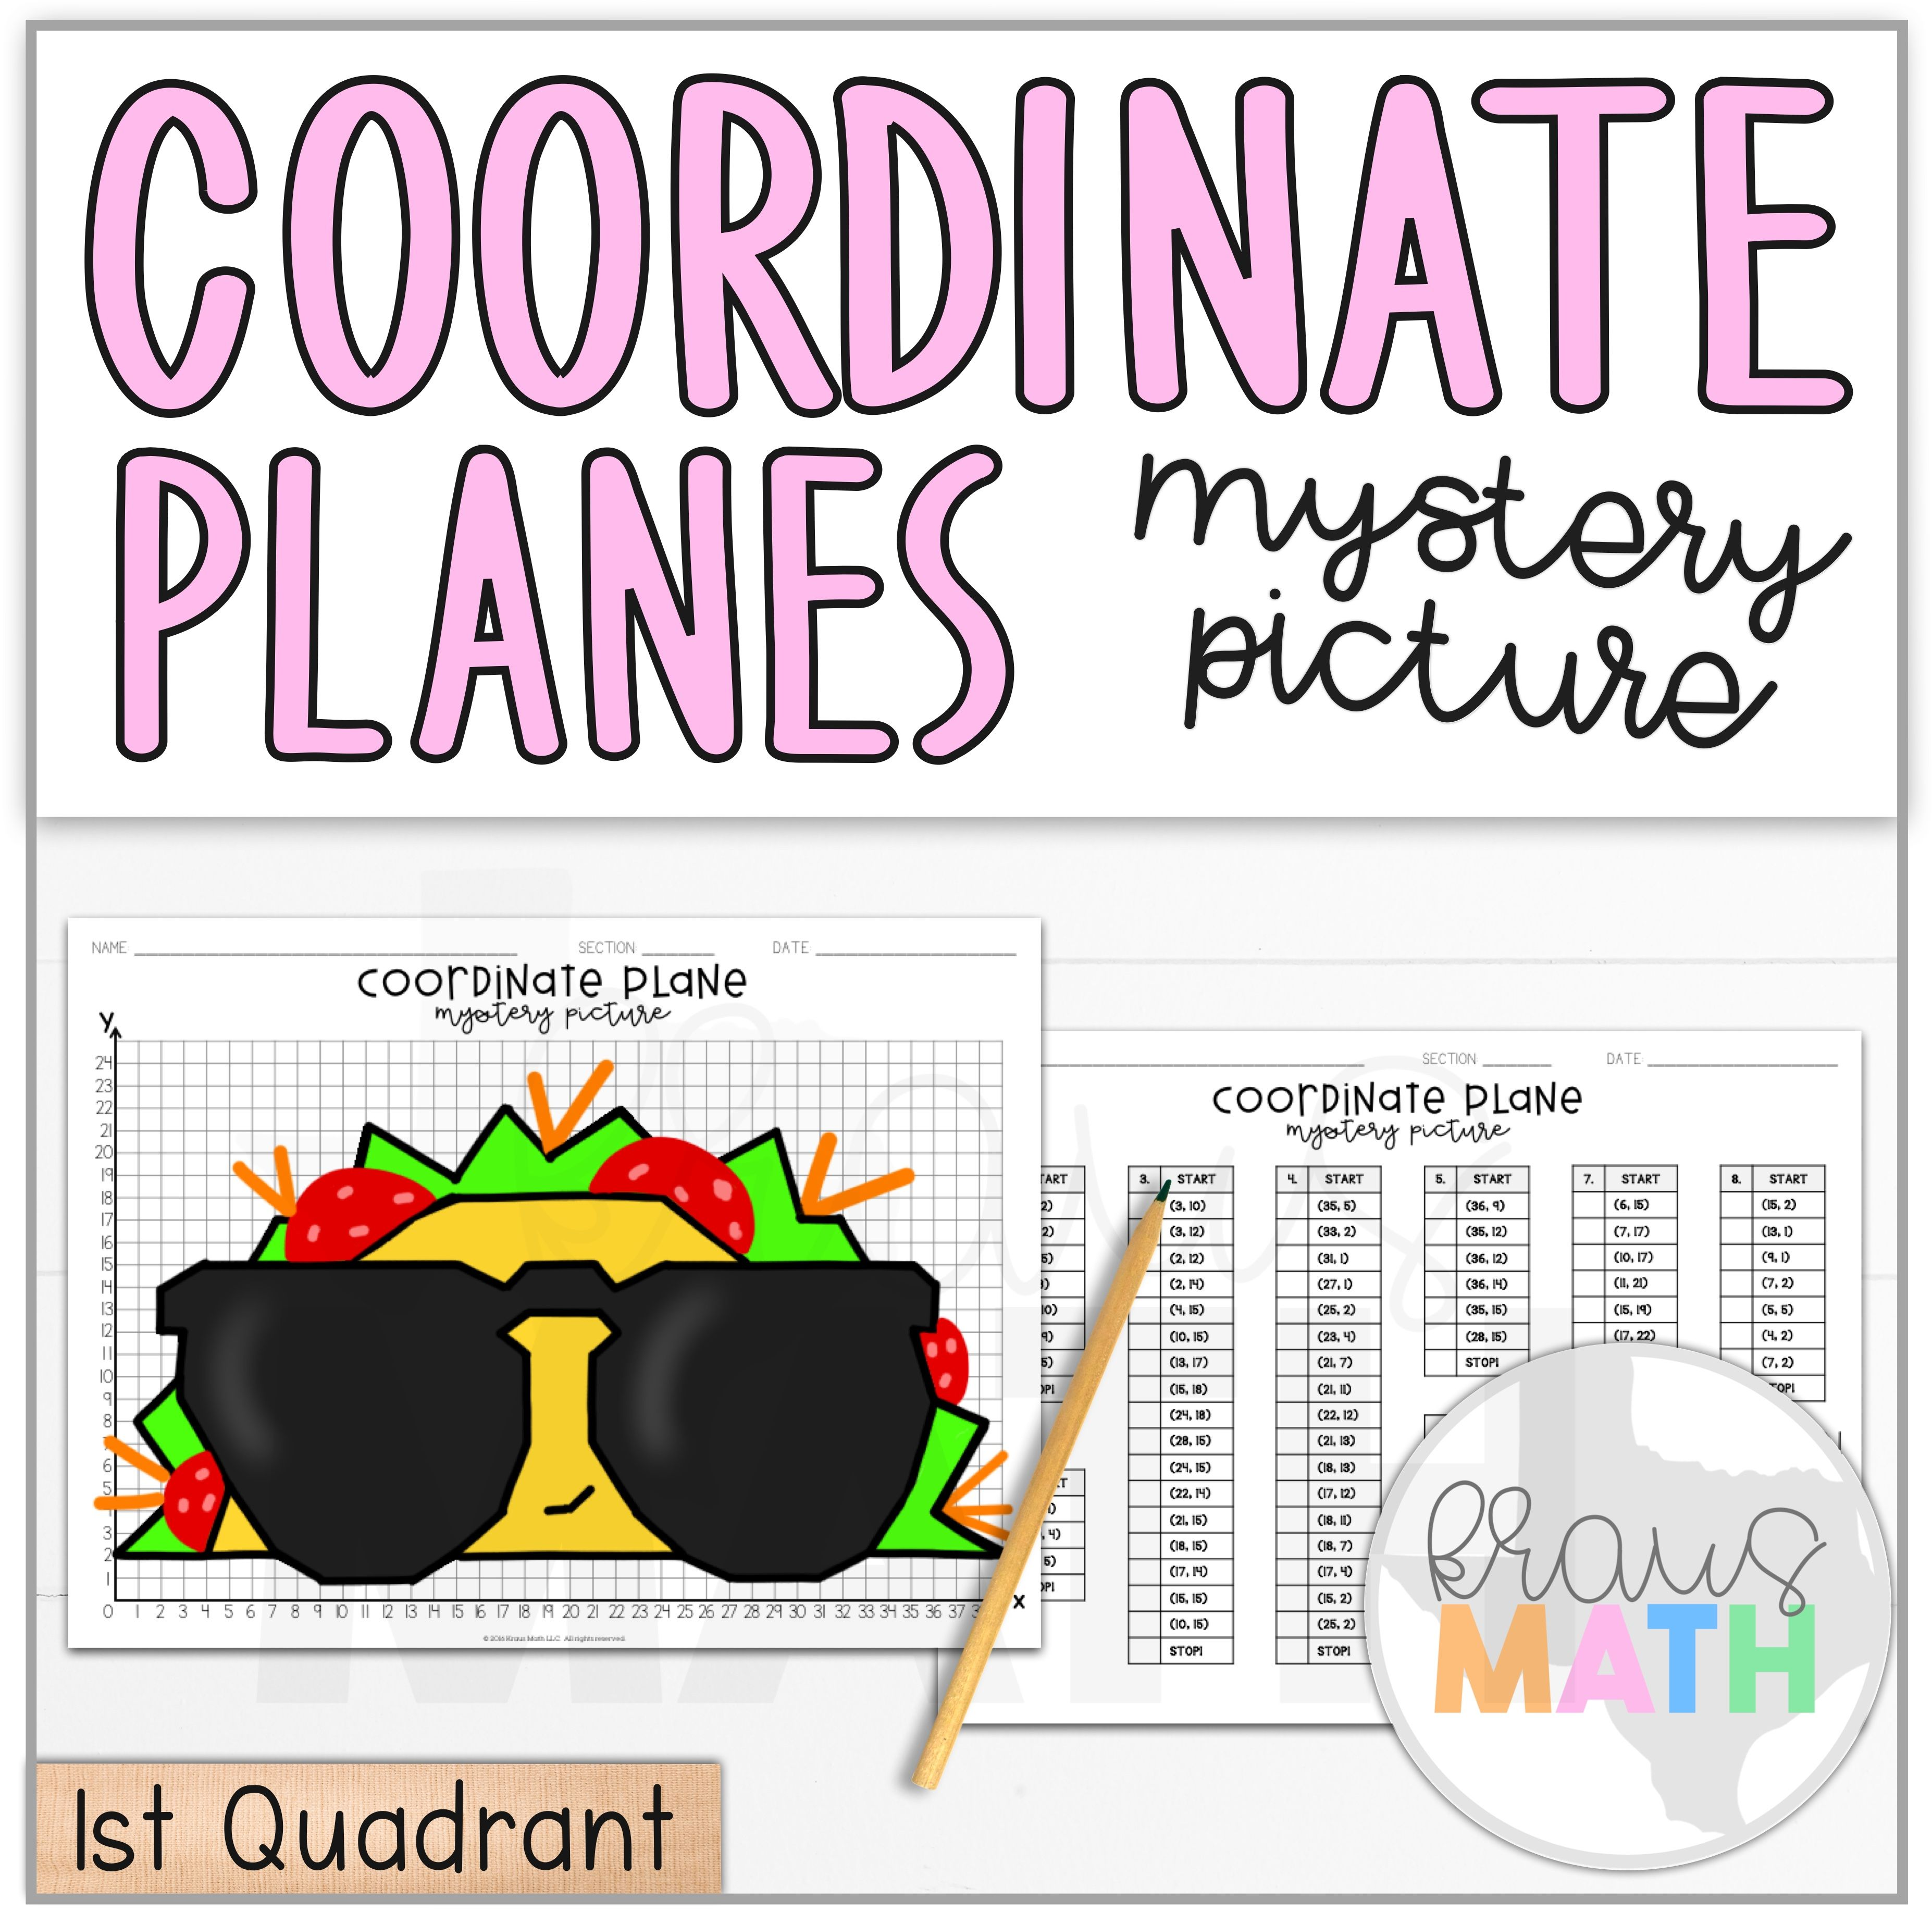 Taco In Sunglasses Coordinate Plane Activity 1st Quadrant